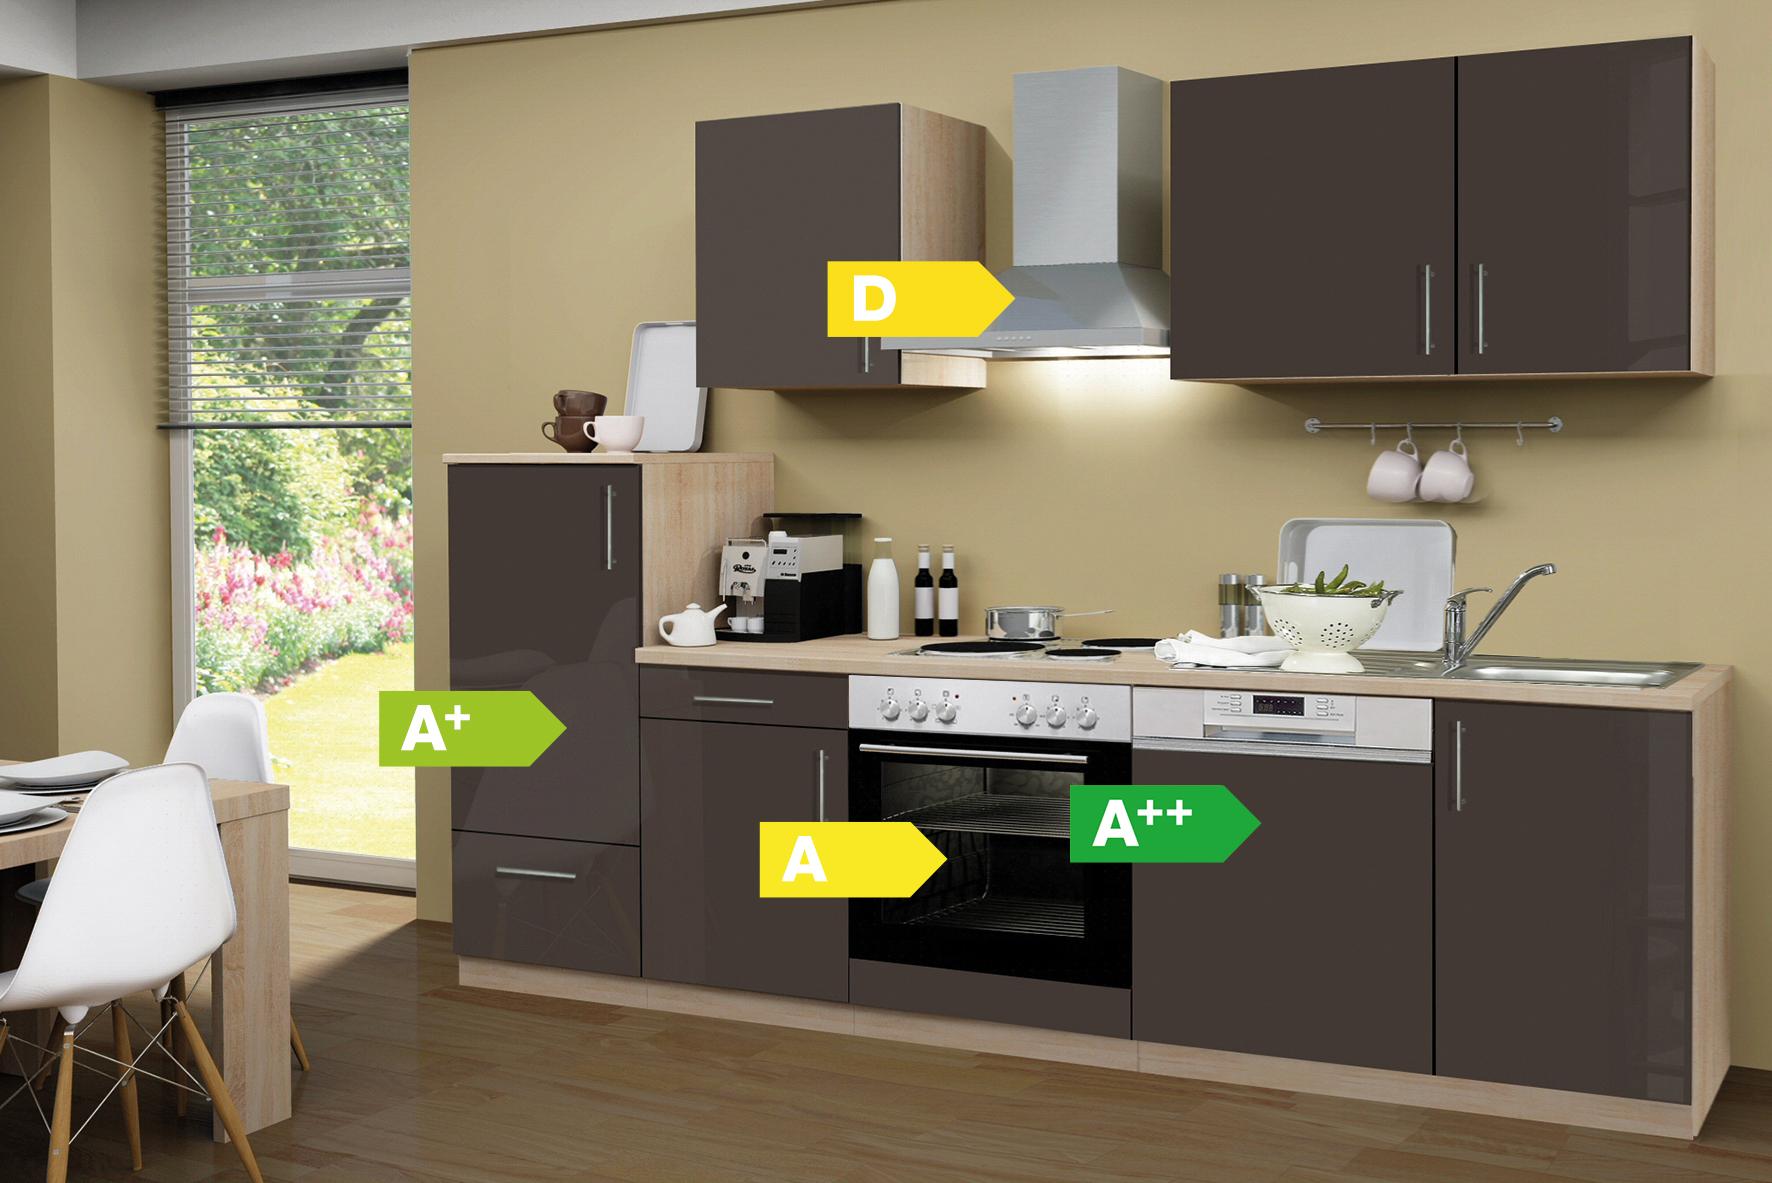 Menke Küchen Küchenzeile Premium Lack 280 cm, Geschirrspüler, Küche ...